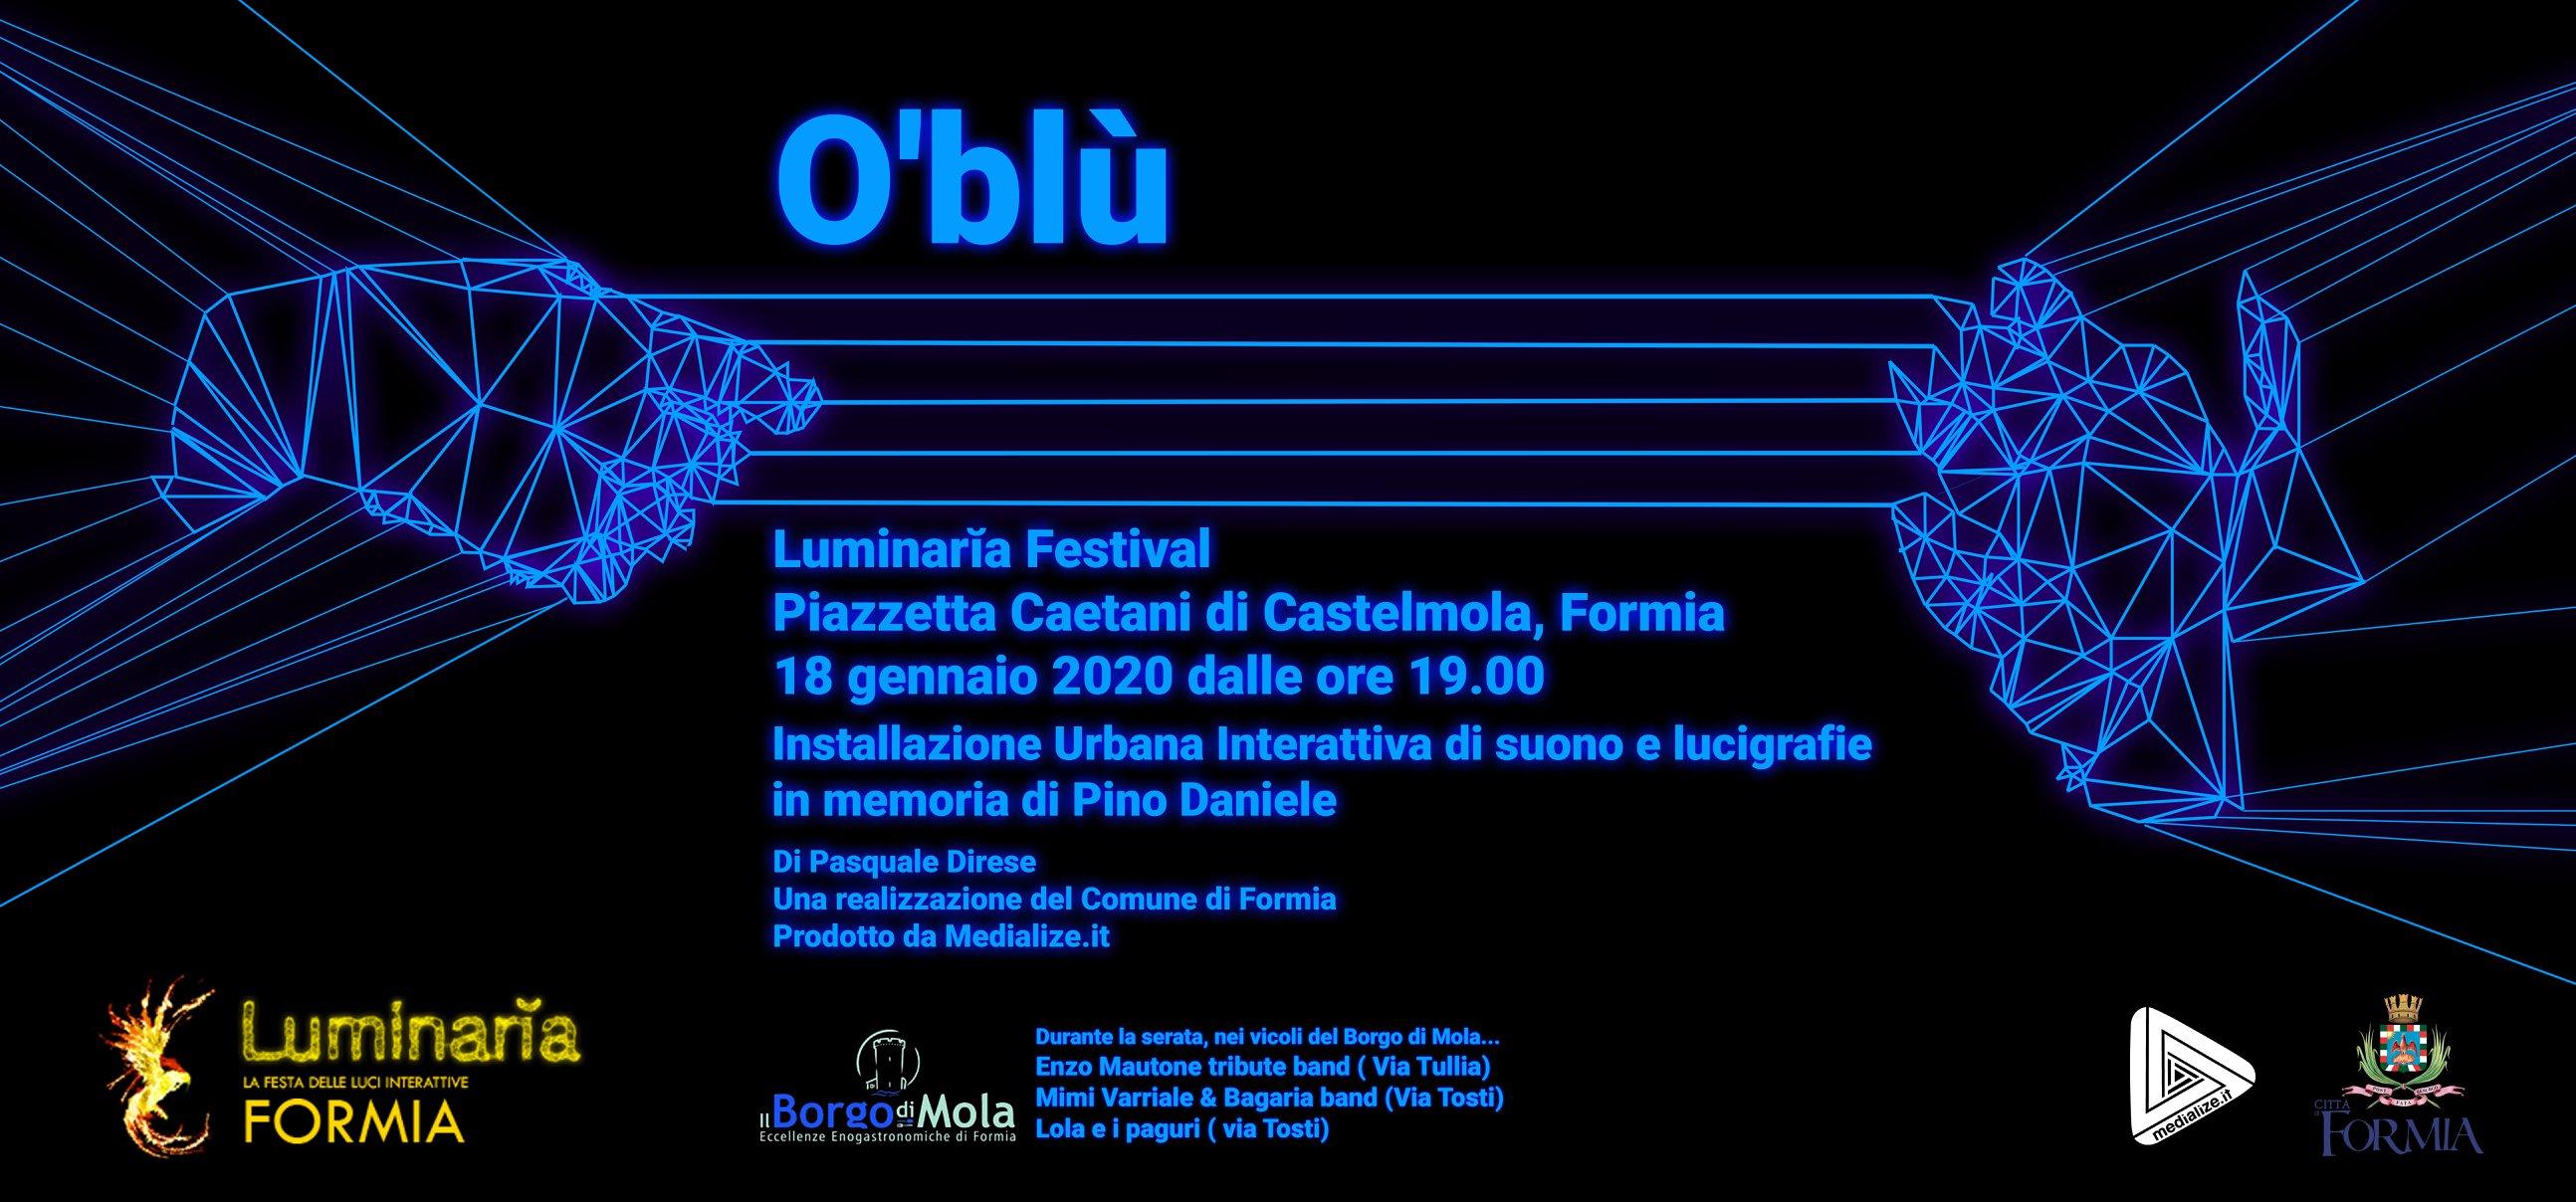 oblu-flyer